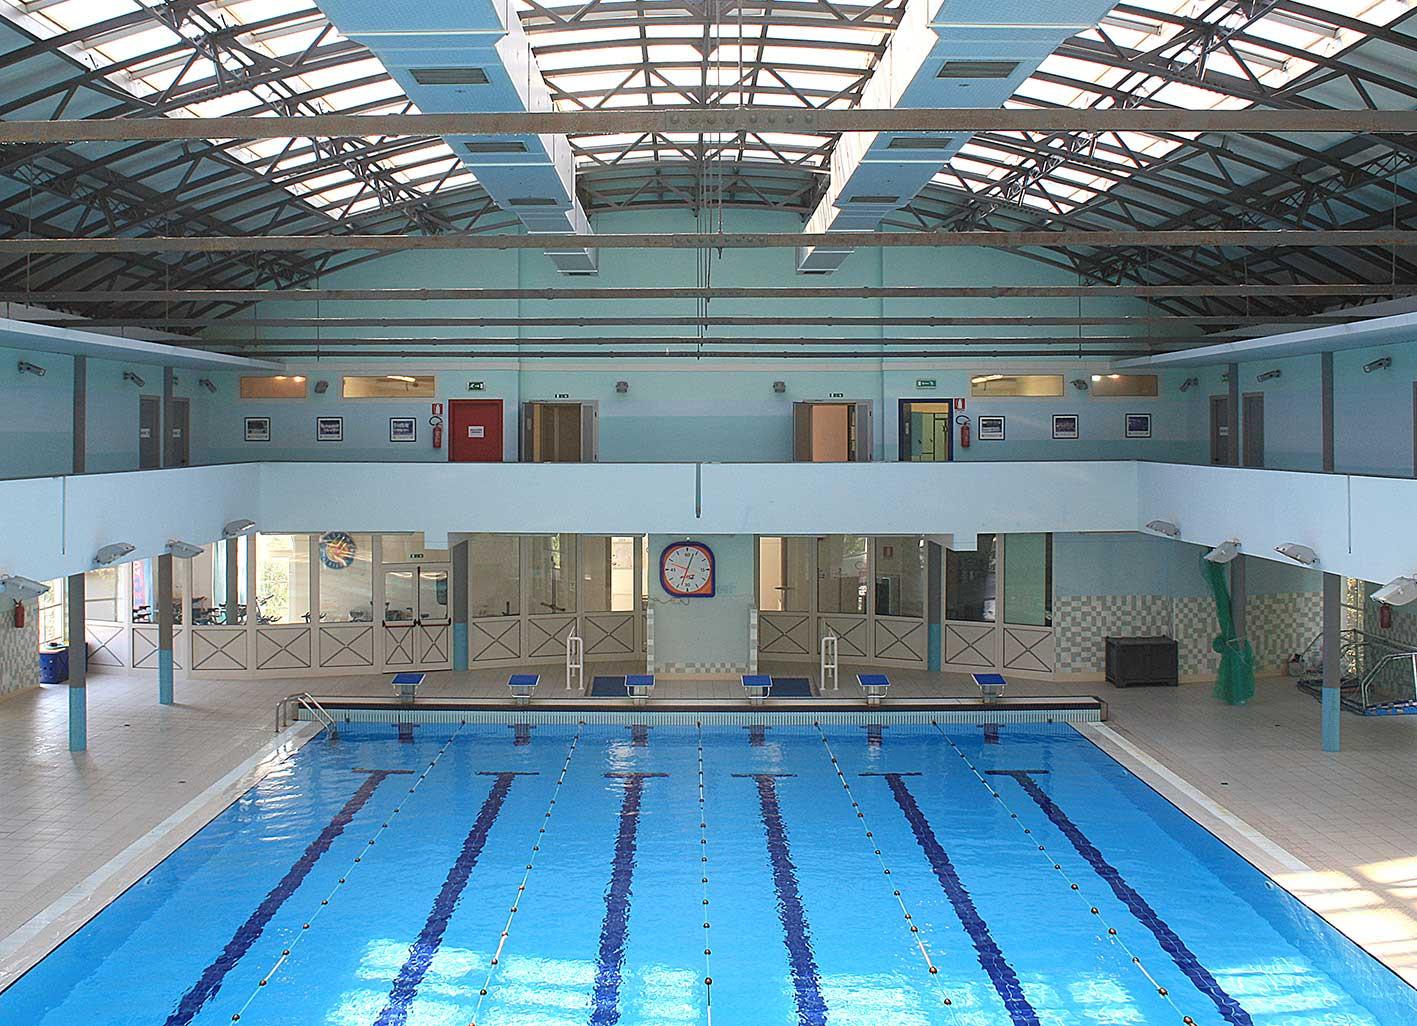 Piscina di San Giovanni riparte in ottobre con tanti corsi di nuoto e fitness  informatrieste